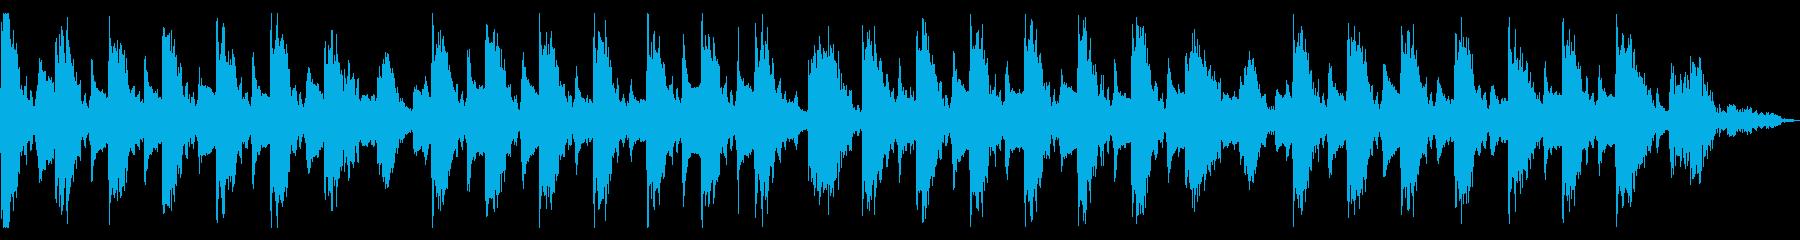 ピタゴラスイッチ風BGM《サウンドロゴ》の再生済みの波形